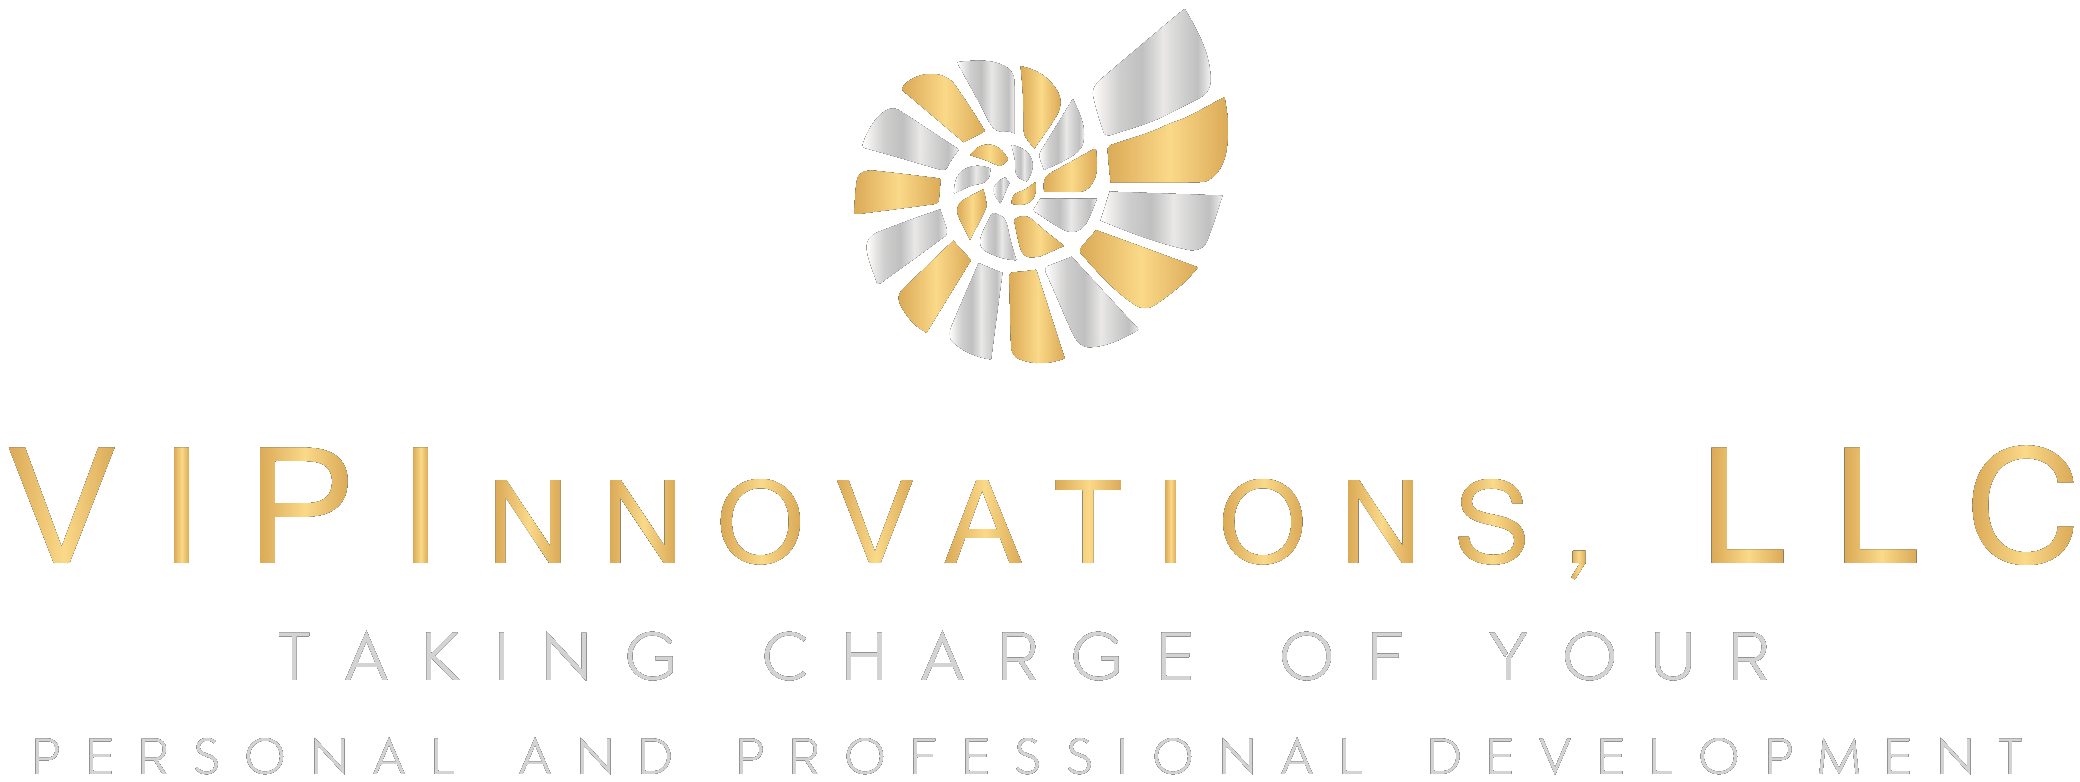 VIP Innovations